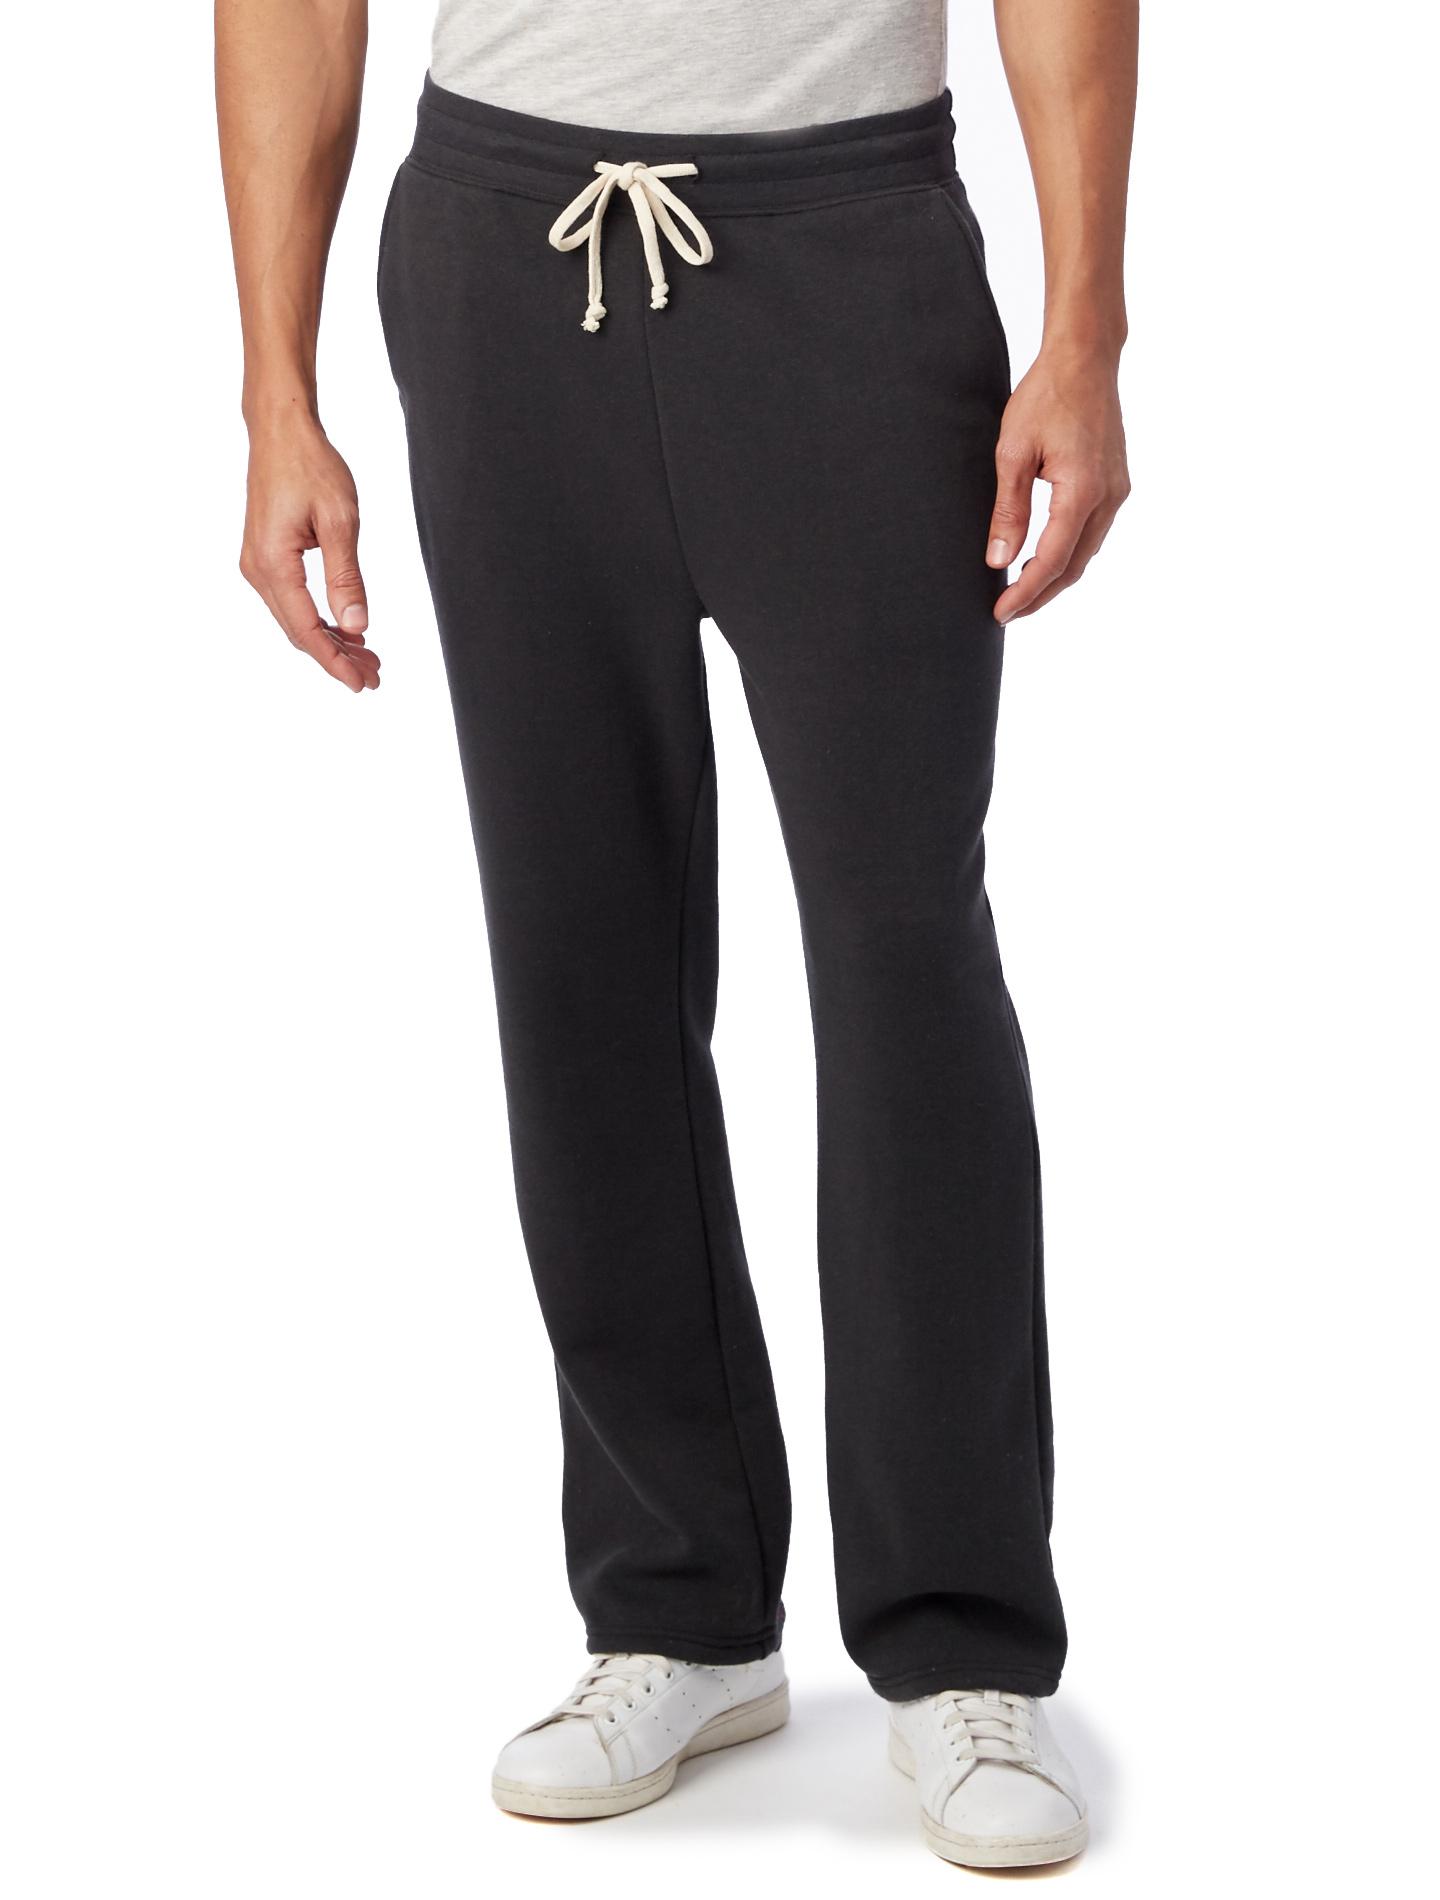 Hustle Eco-Fleece Open Bottom Sweatpants